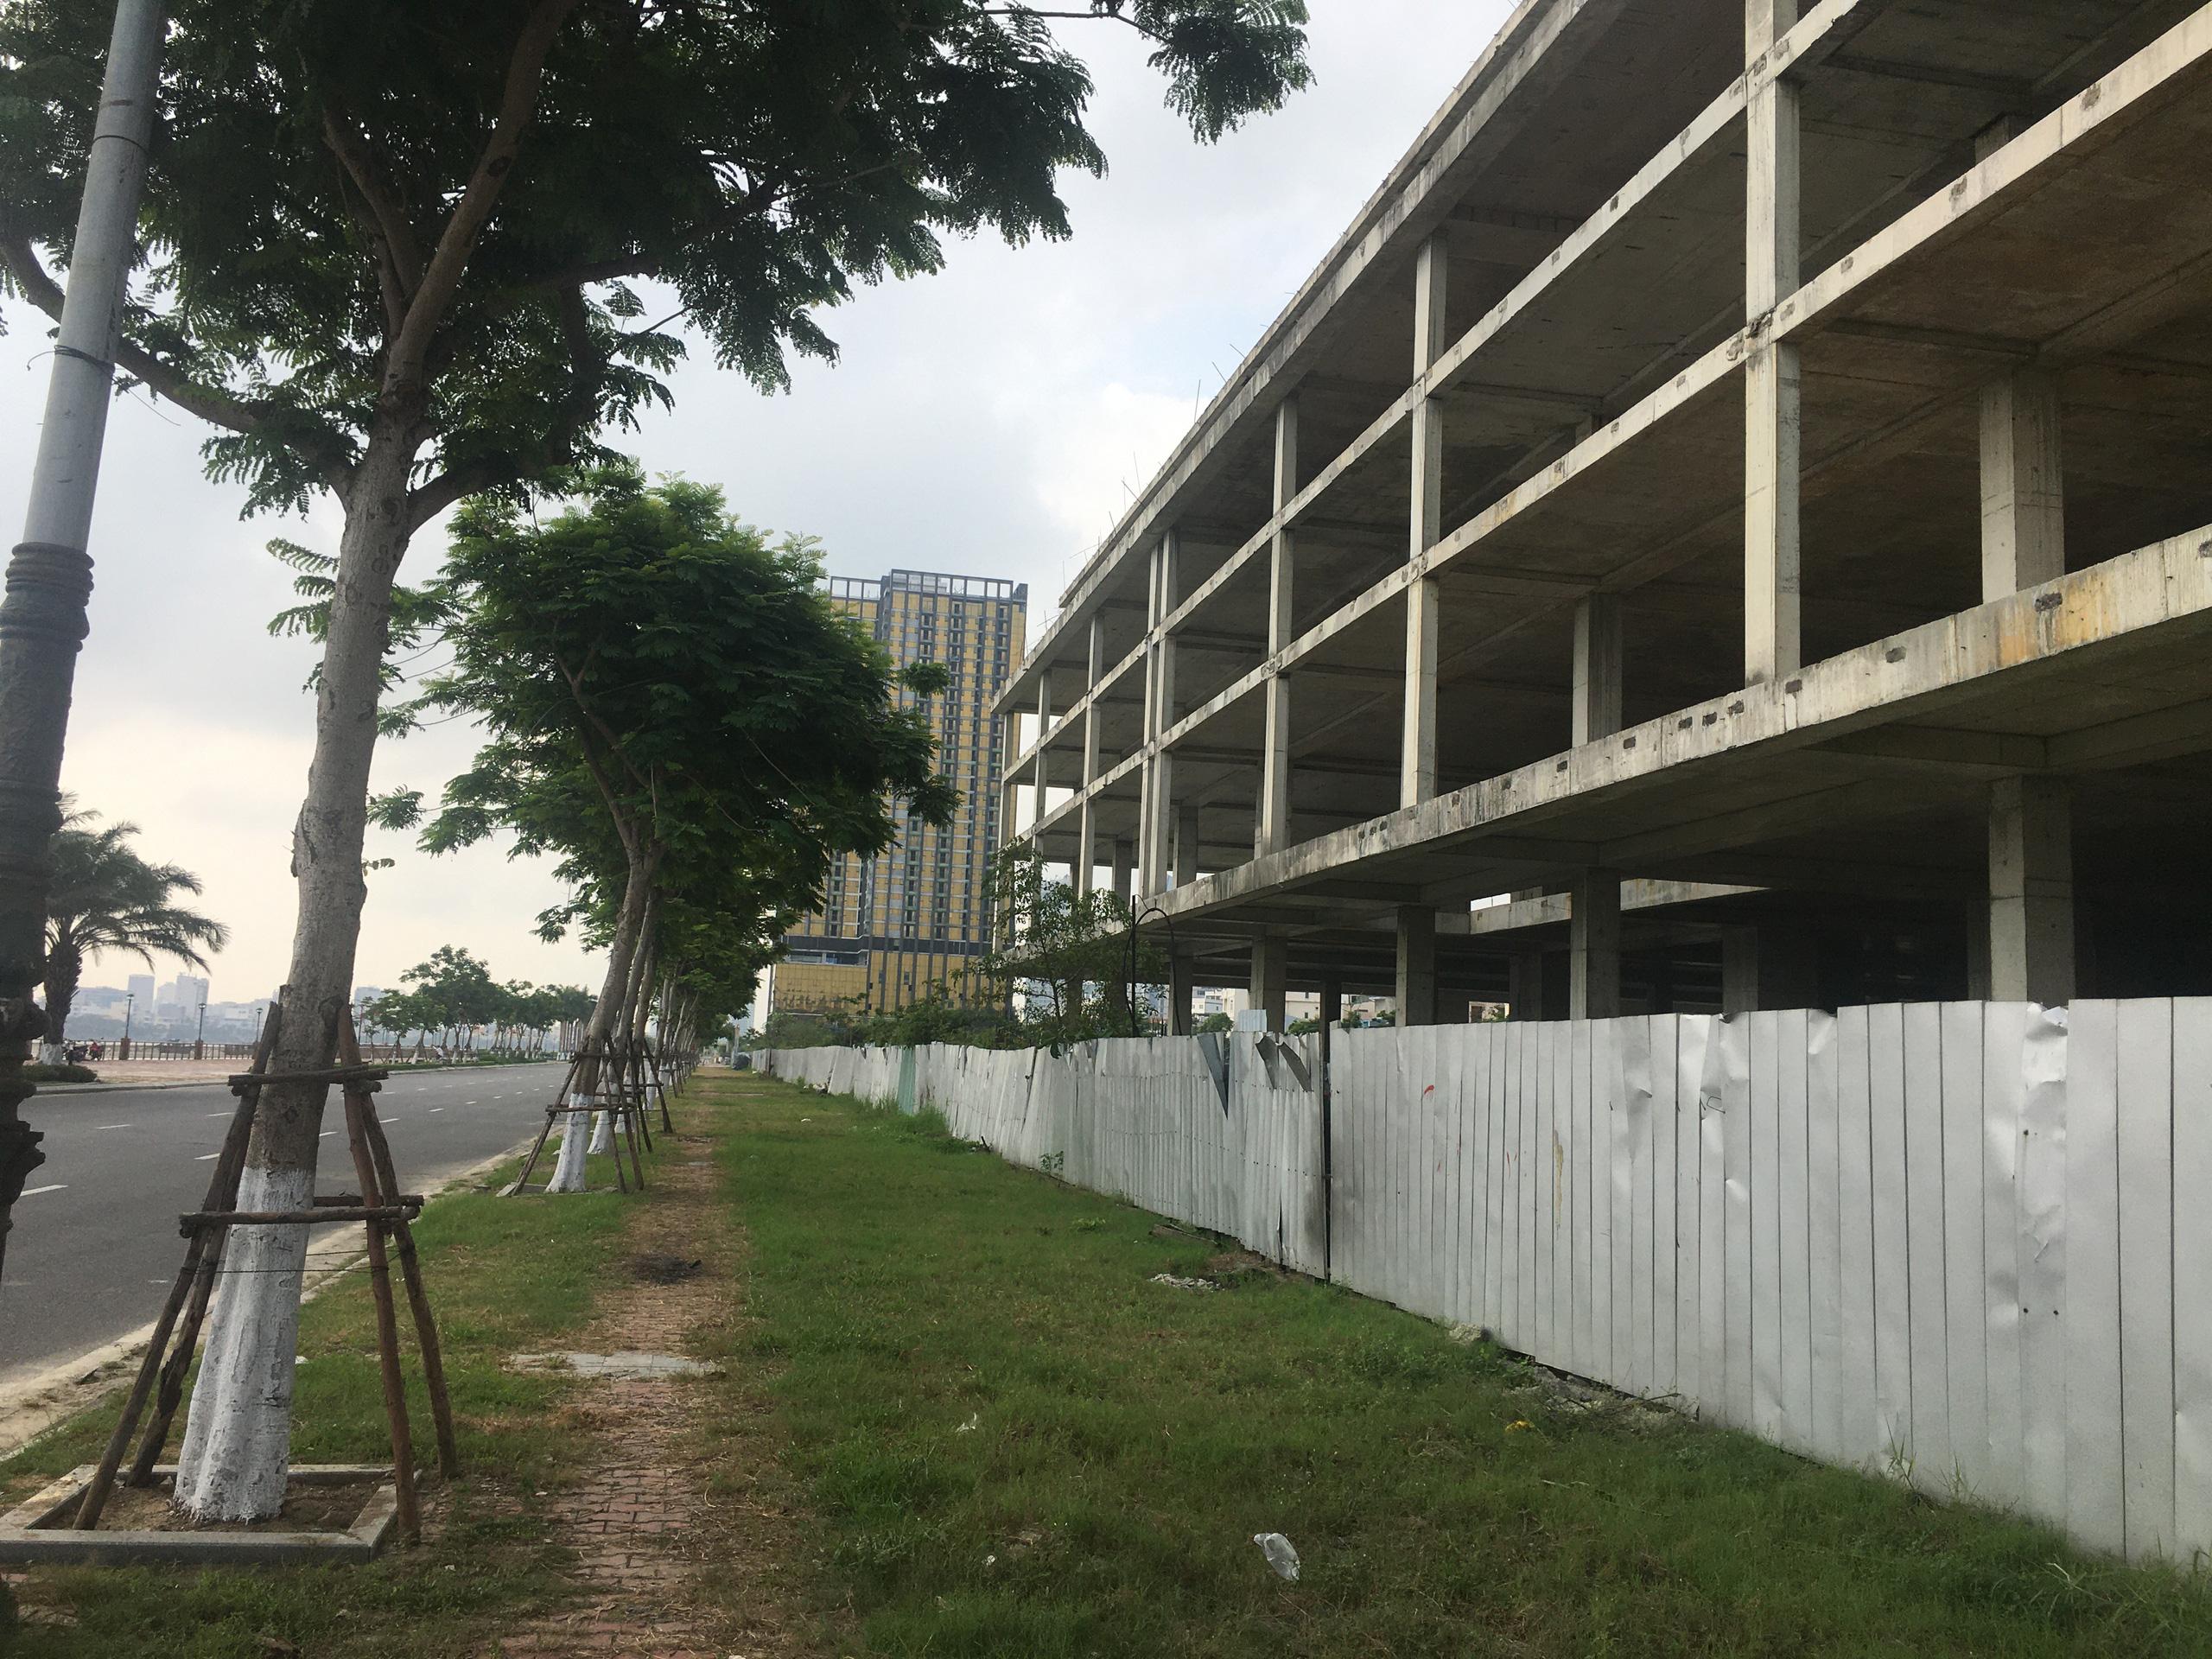 Dự án chung cư cao cấp bỏ hoang trên đất vàng mặt tiền sông Hàn Đà Nẵng - Ảnh 13.